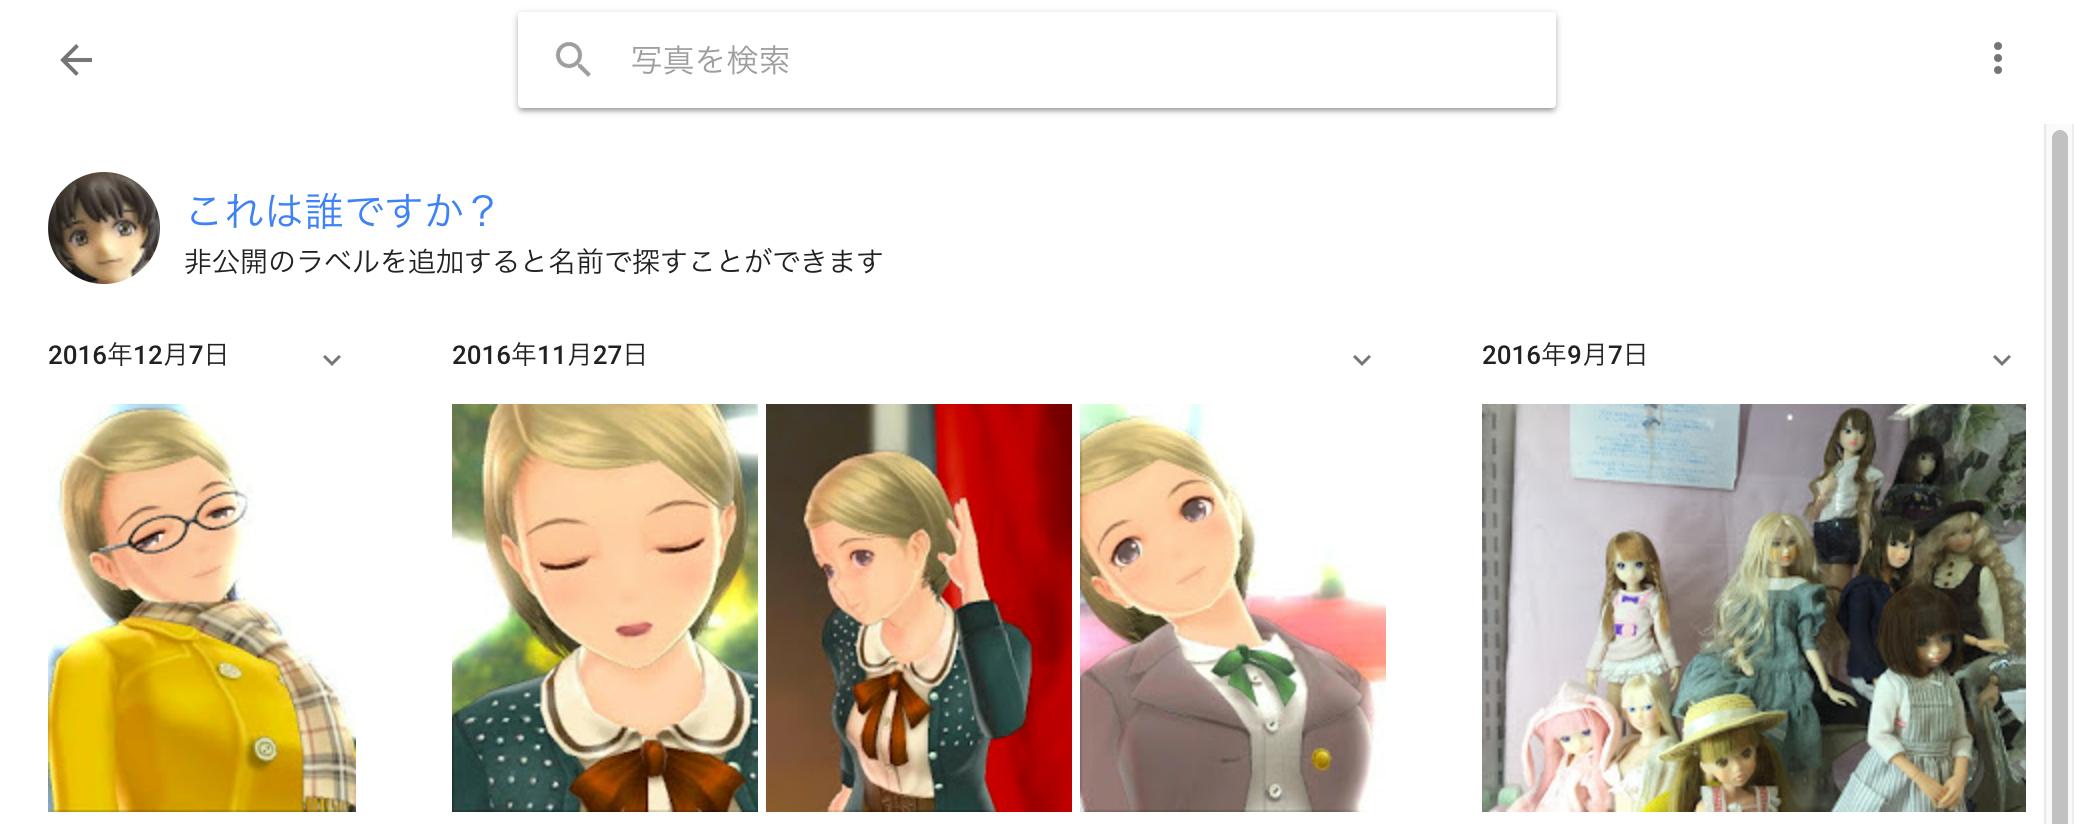 Google_フォト1